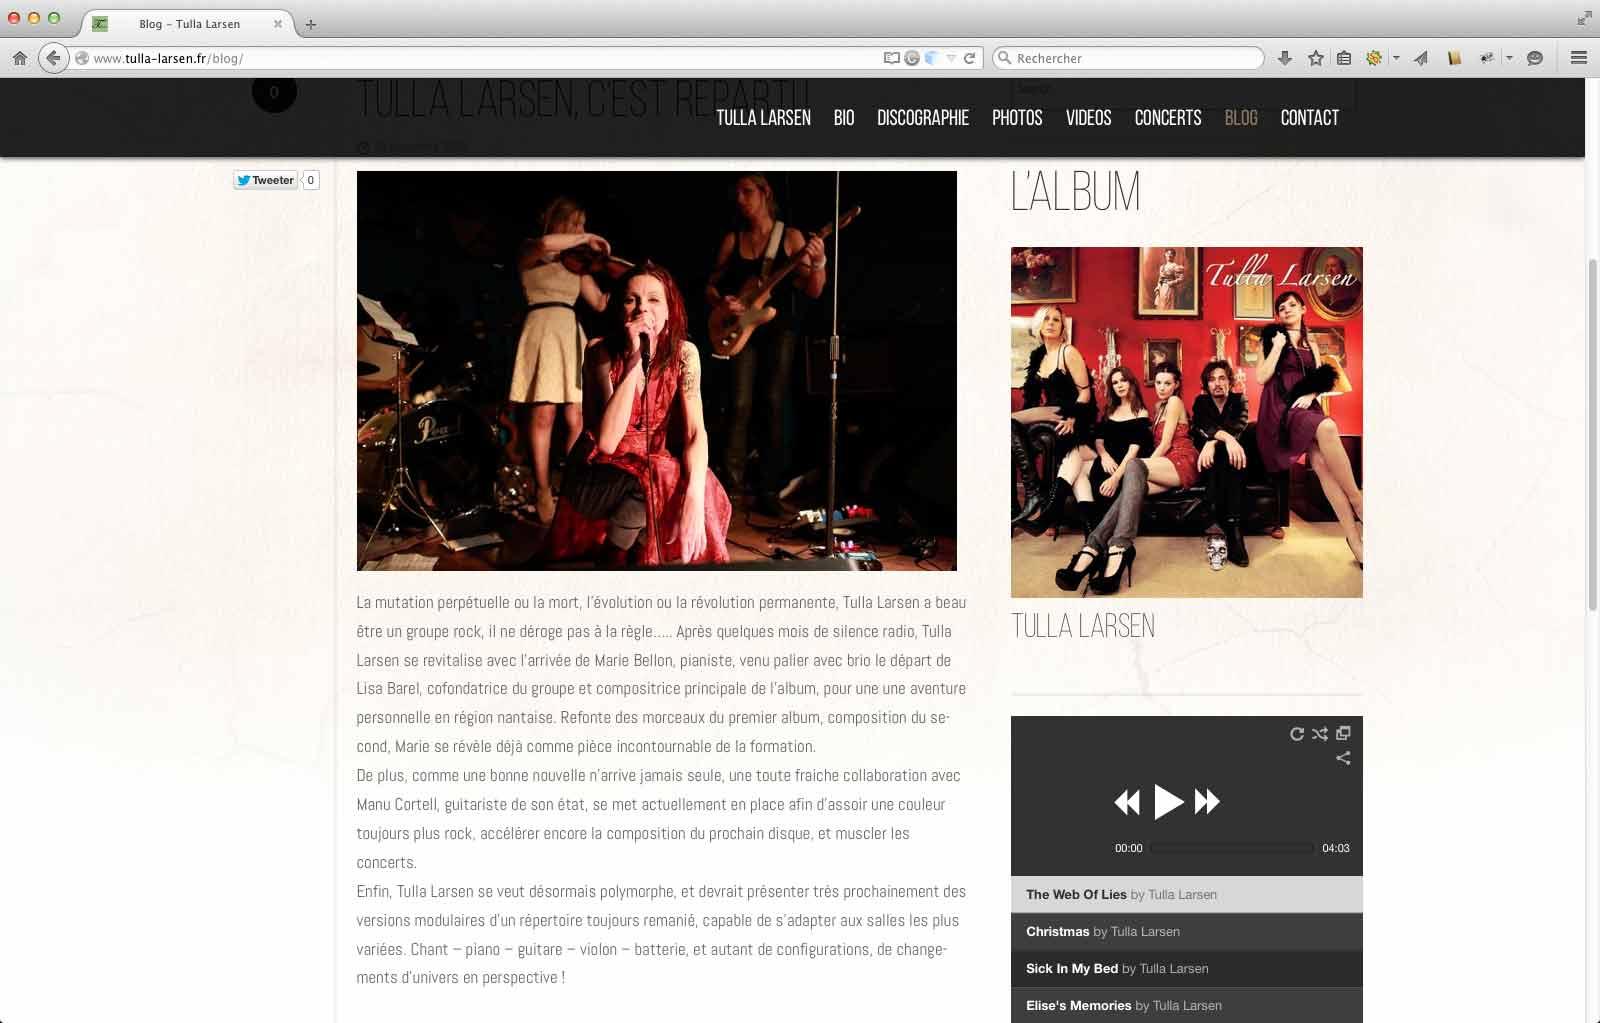 Création de site internet d'artiste, page de blog   CDW